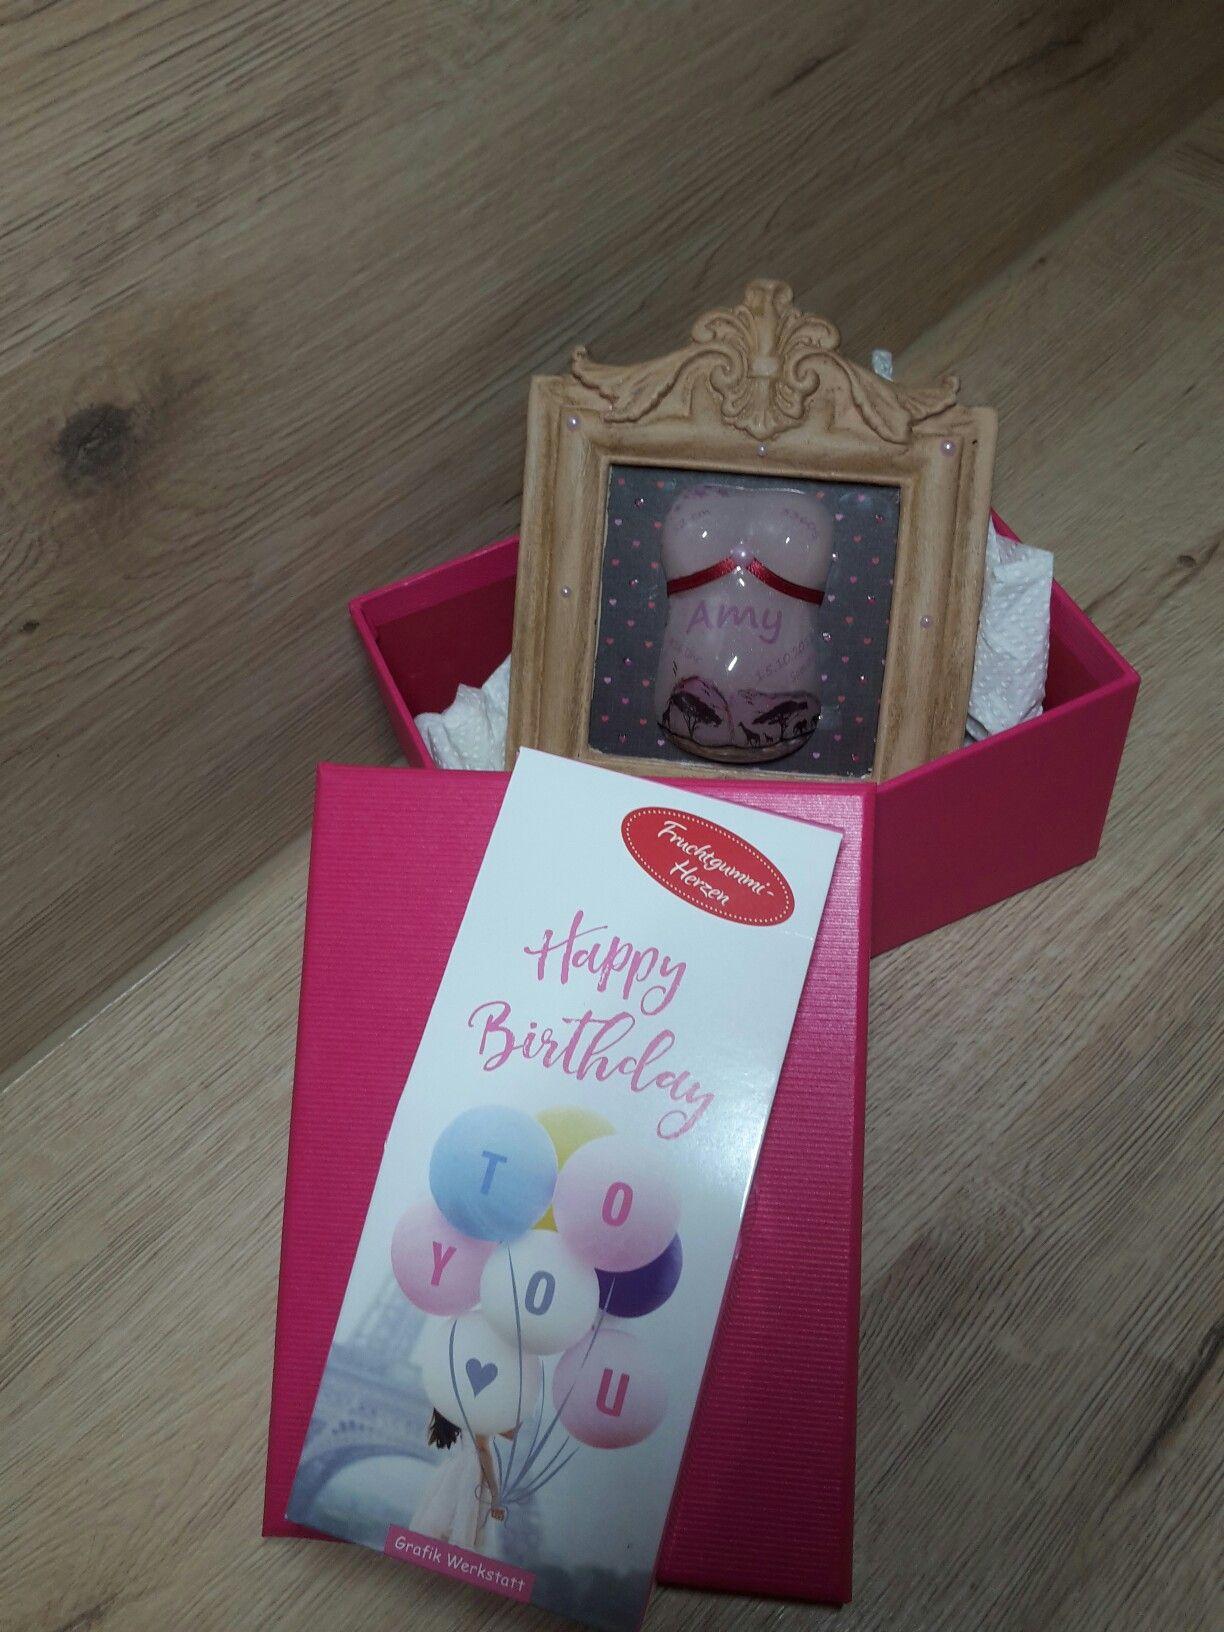 Mini Babybauch Ein tolles Geschenk zur Geburt Der mini Babybauch kann mit verschiedenen Designs gestalte werden Hier ist ein Personalisiertes Modell